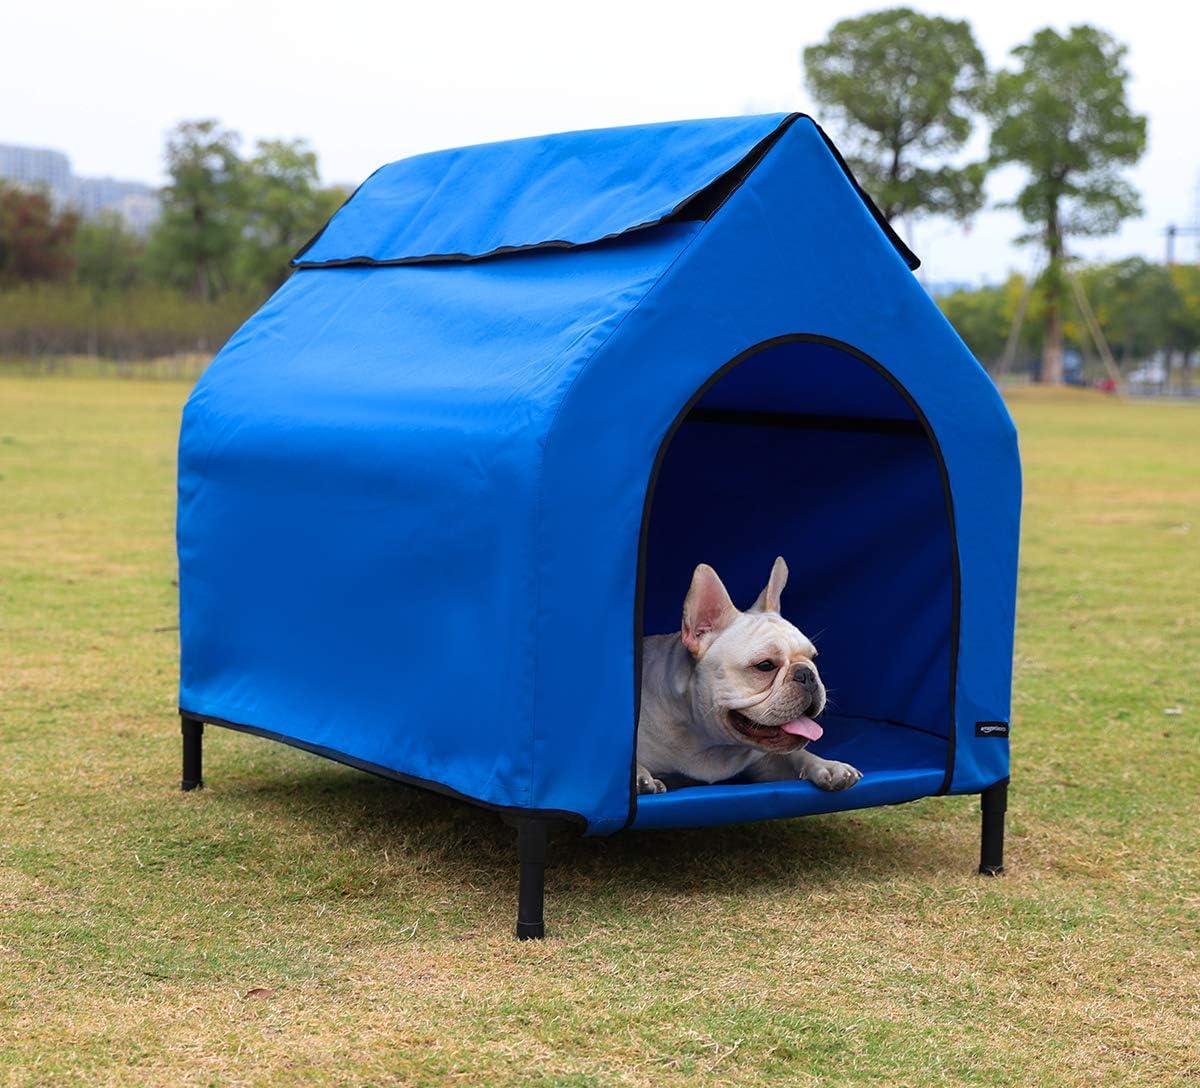 Amazon Basics - Caseta para mascotas, elevada, portátil, pequeña, azul